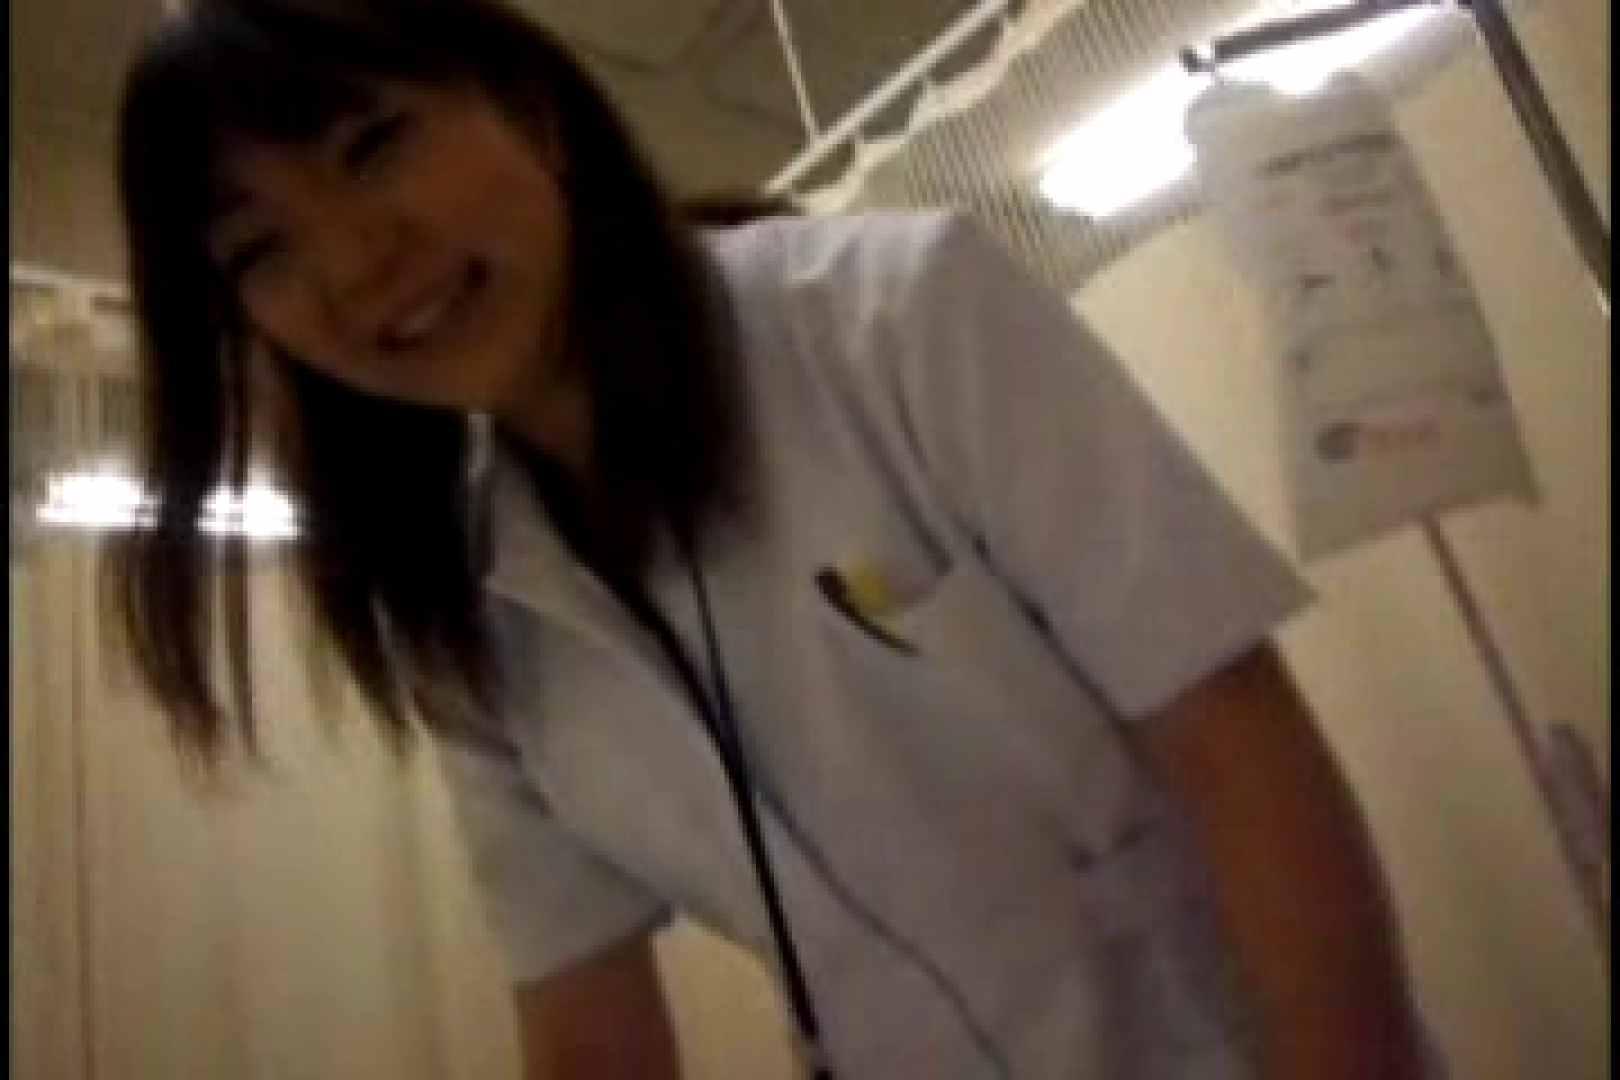 ヤリマンと呼ばれた看護士さんvol1 綺麗なOLたち おまんこ無修正動画無料 71枚 12